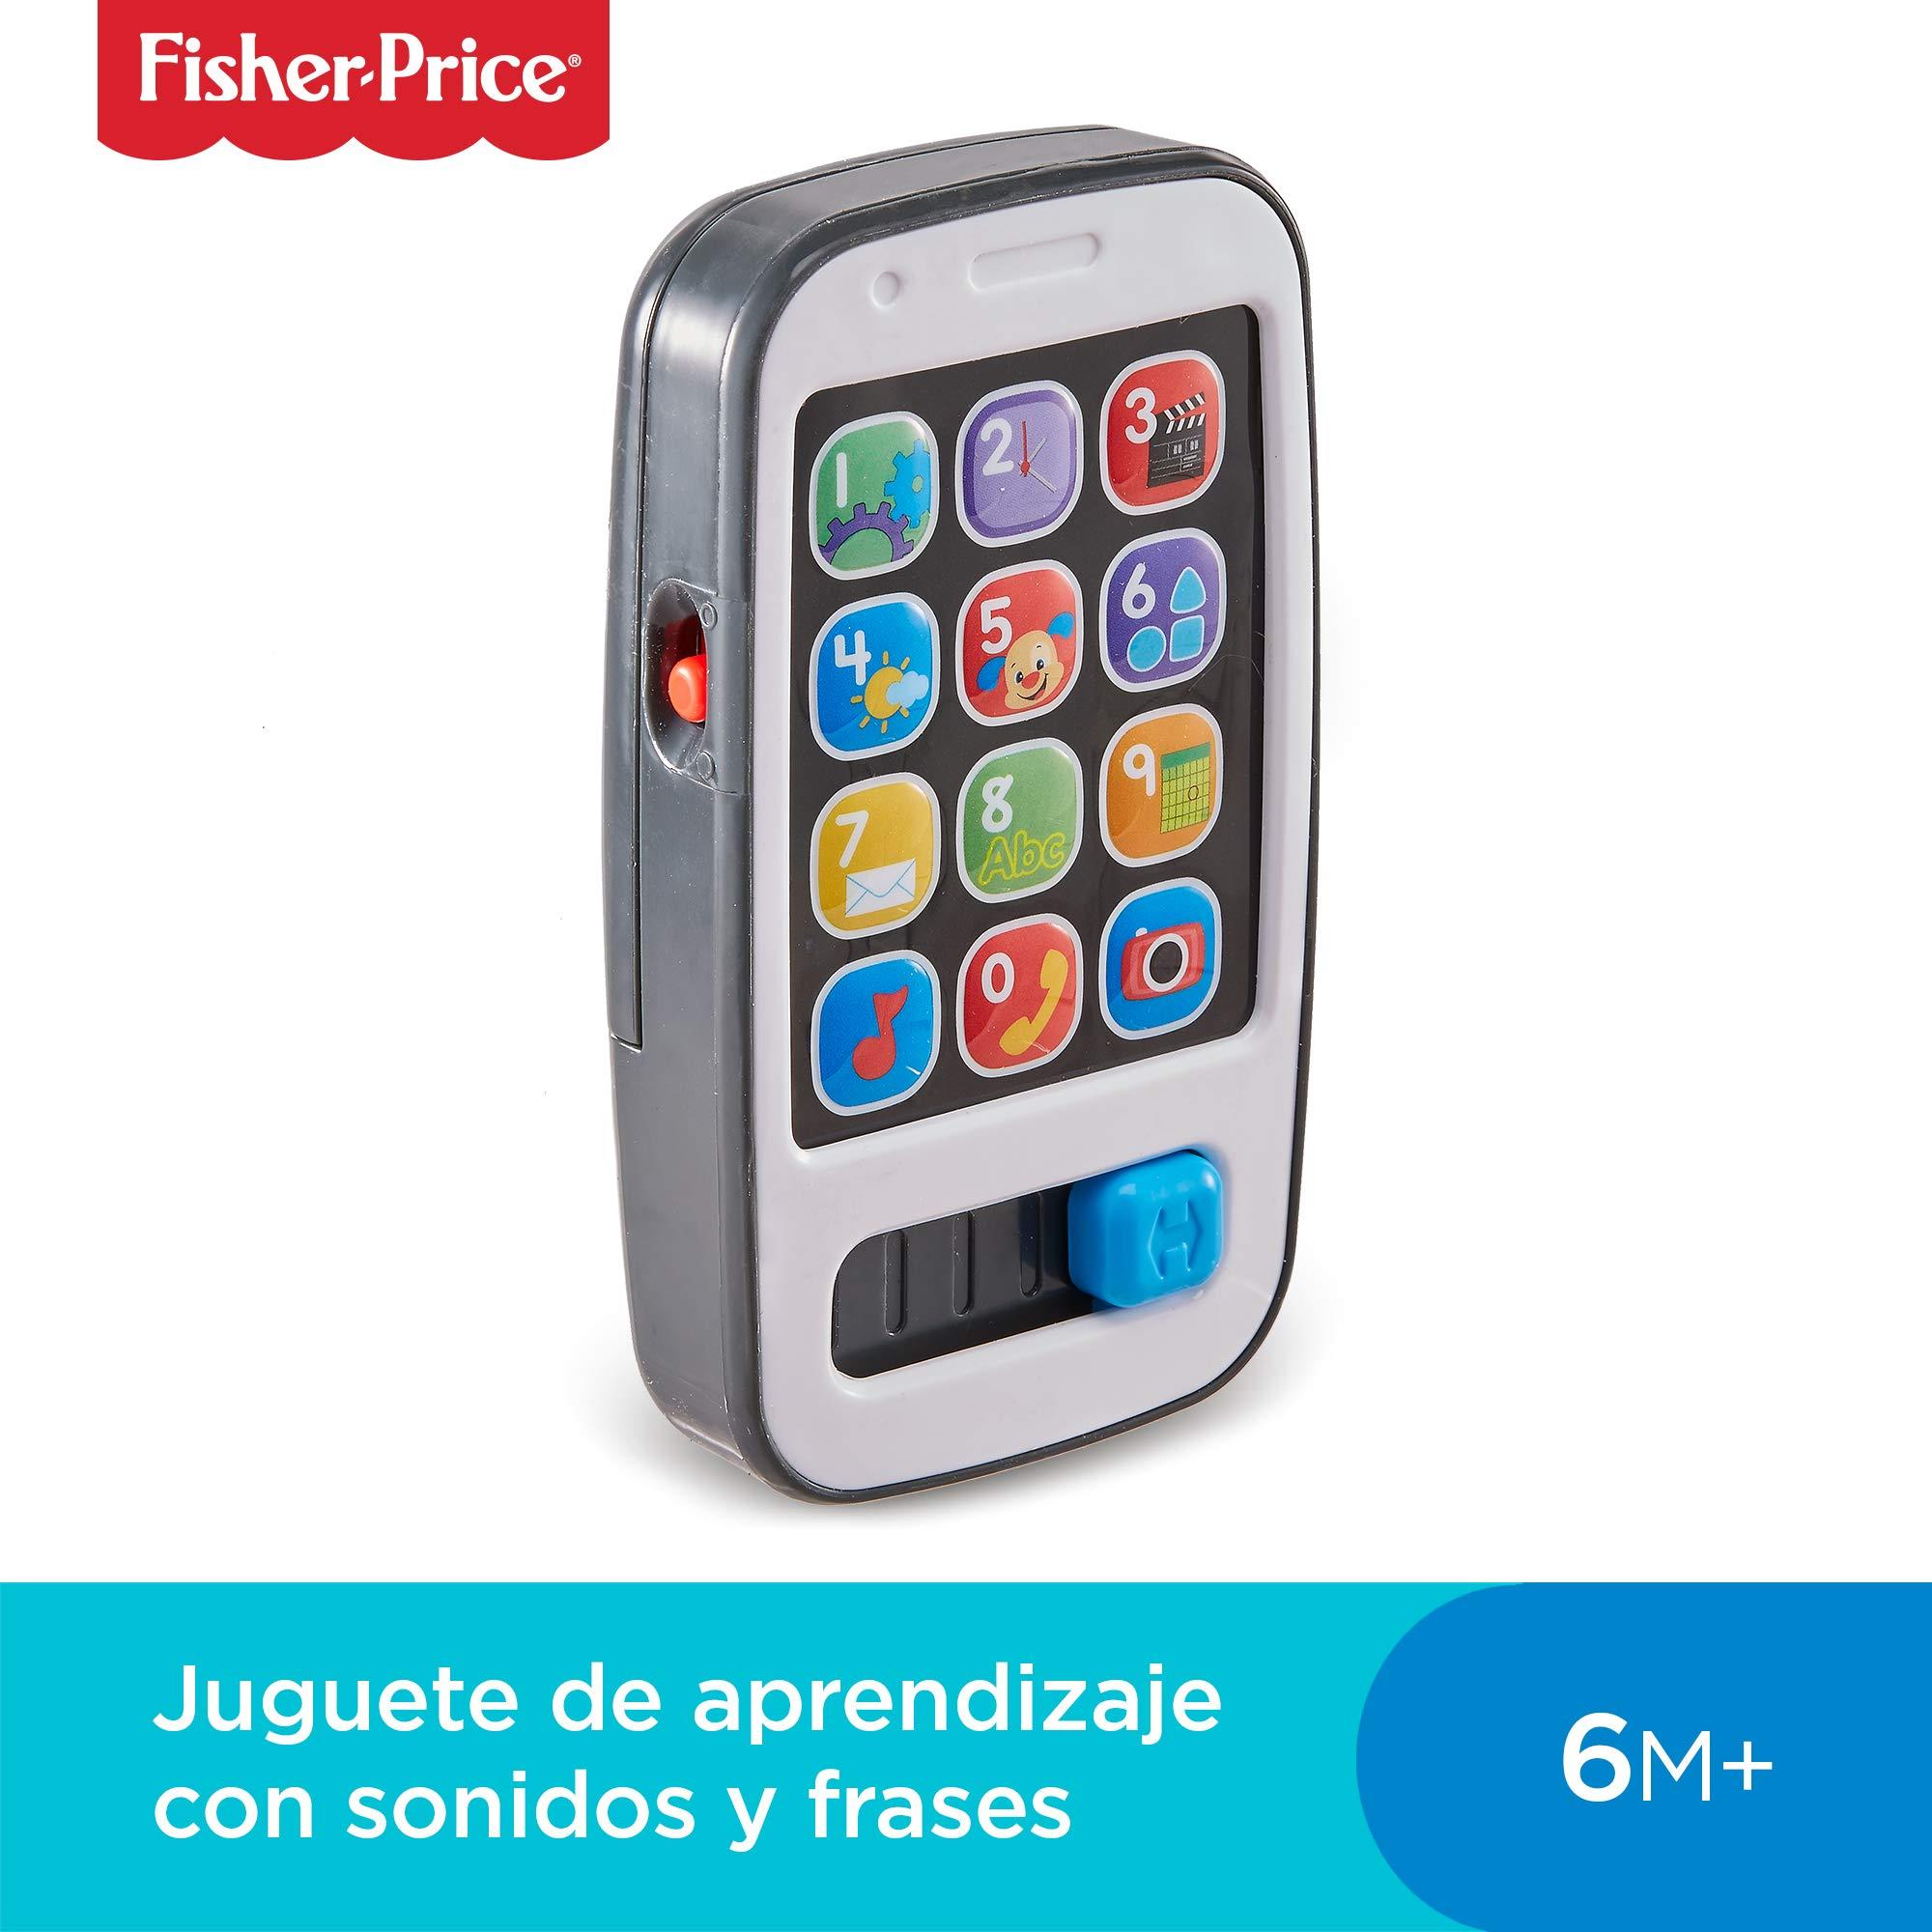 Fisher-Price Mi primer teléfono descubrimiento, juguete bebé +6 meses (Mattel BHB92): Amazon.es: Juguetes y juegos